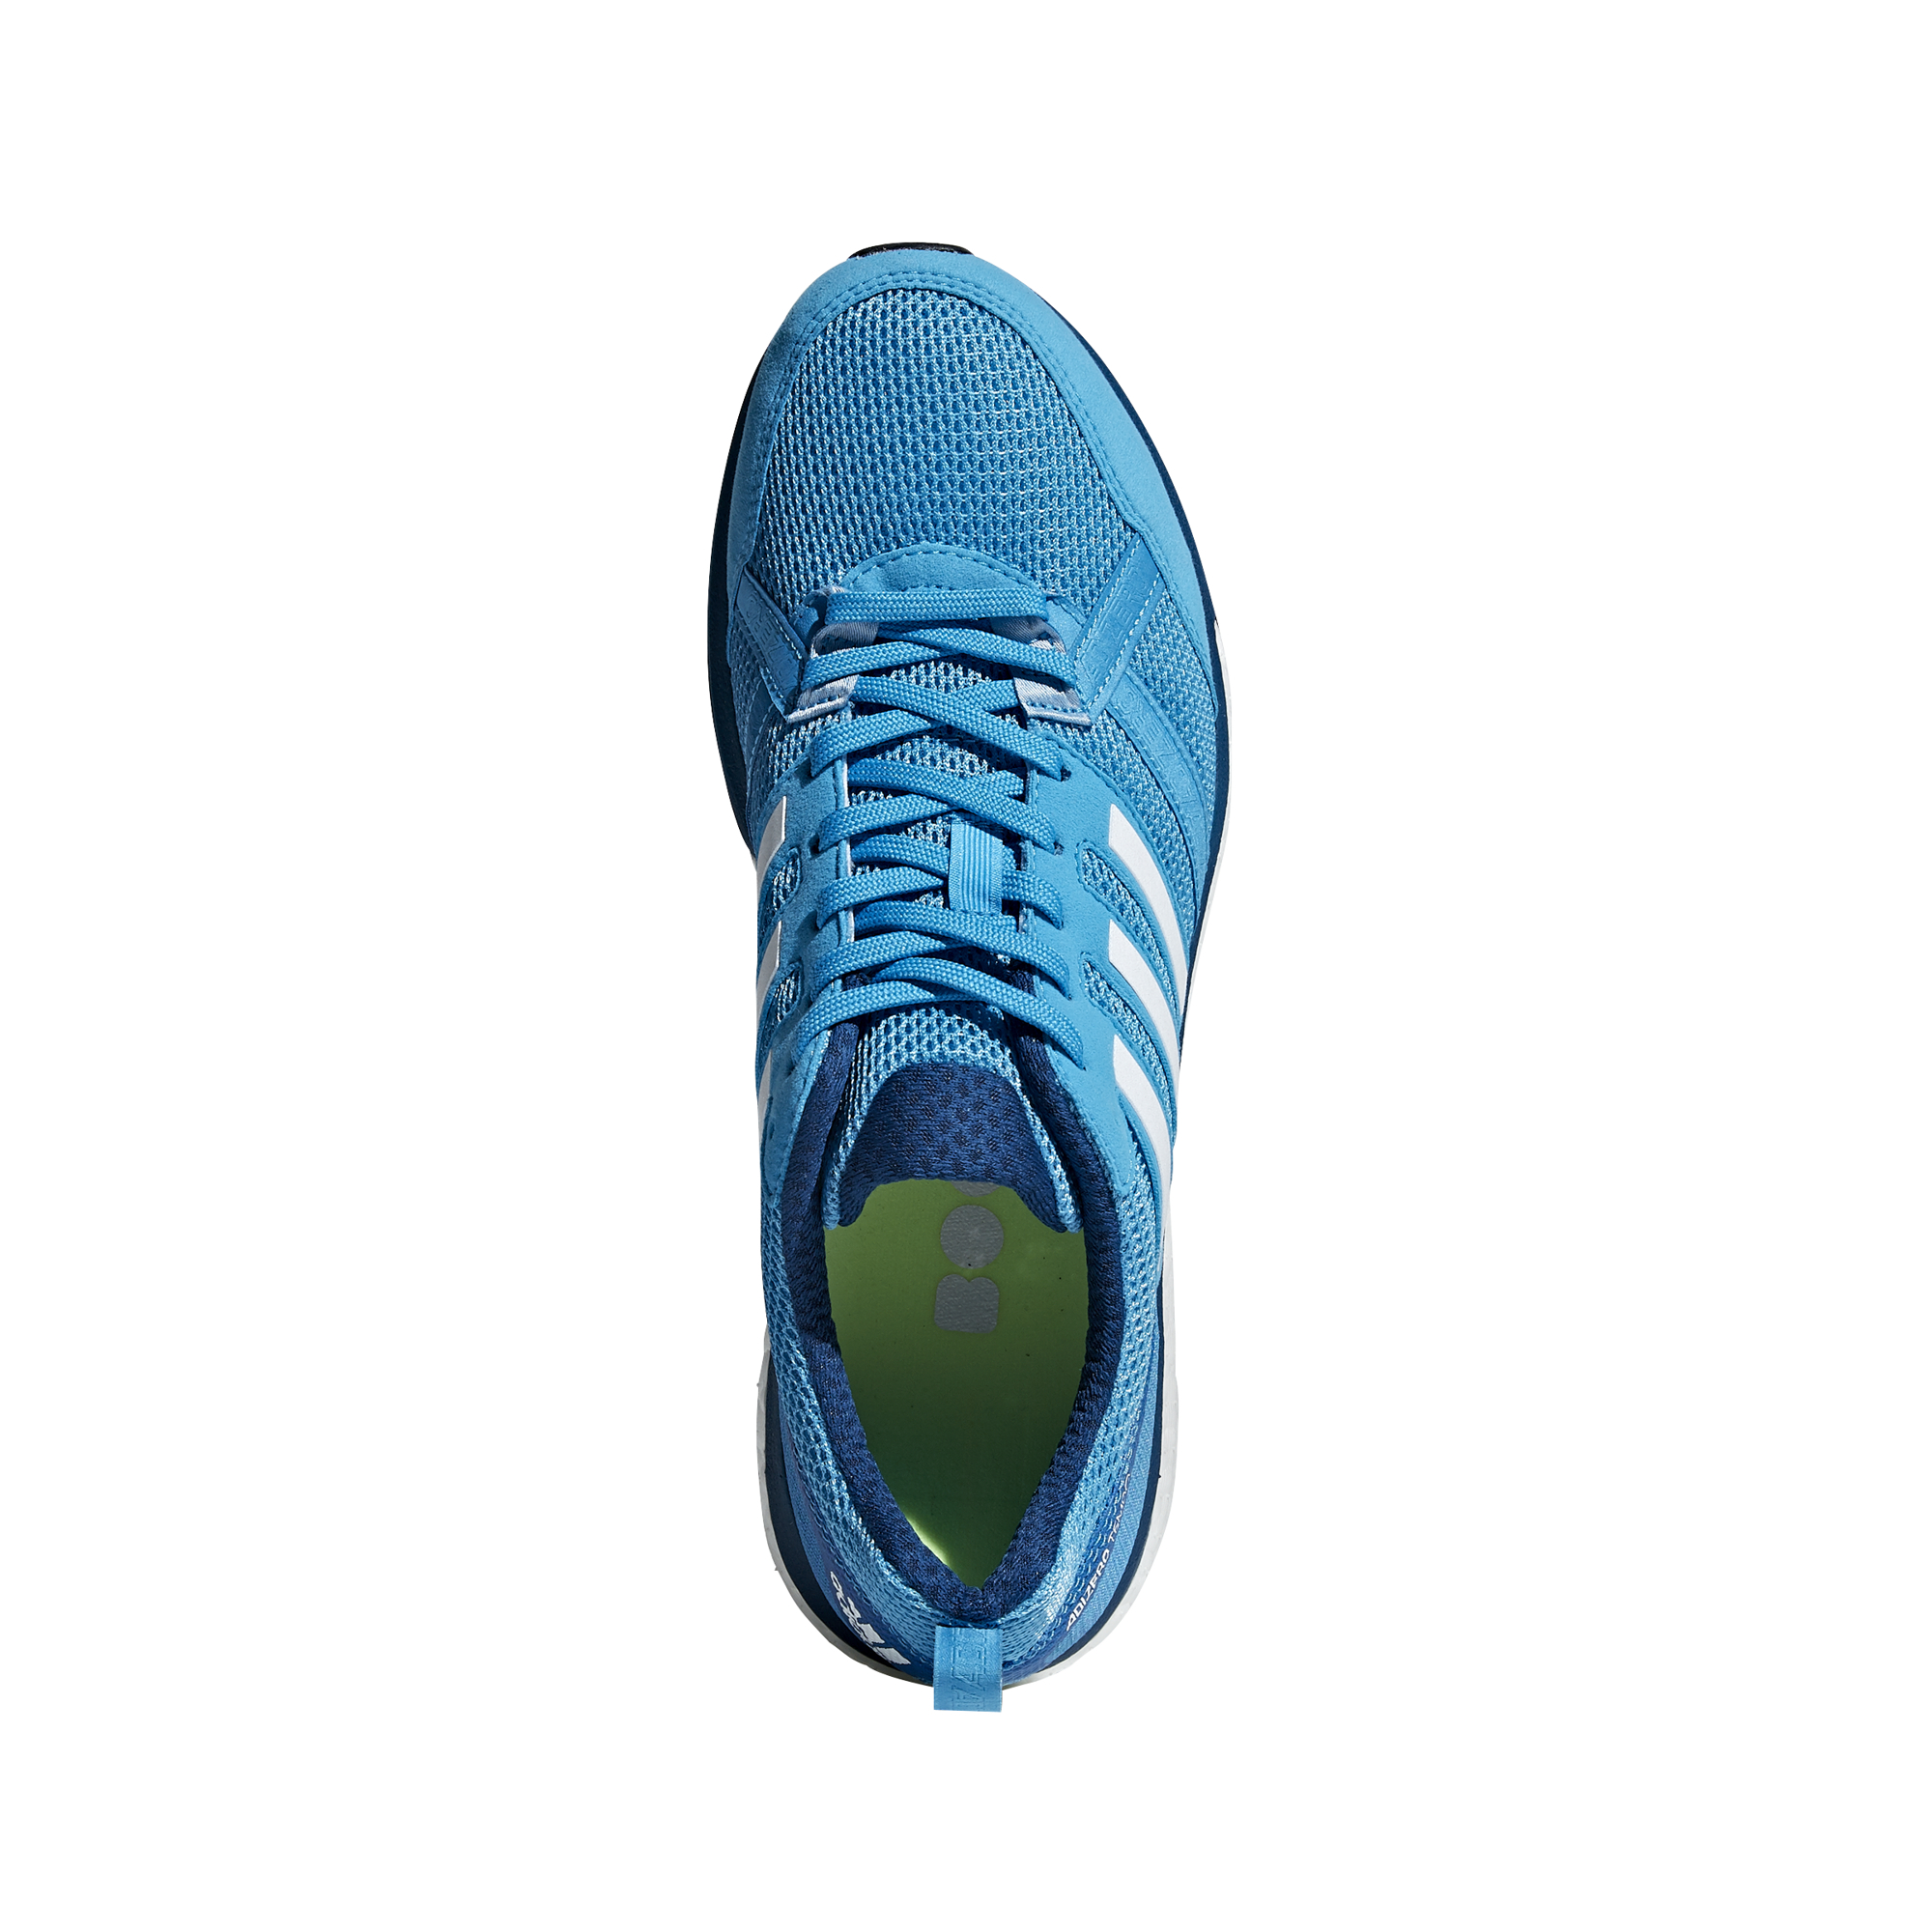 Selger falske Nike joggesko Guide